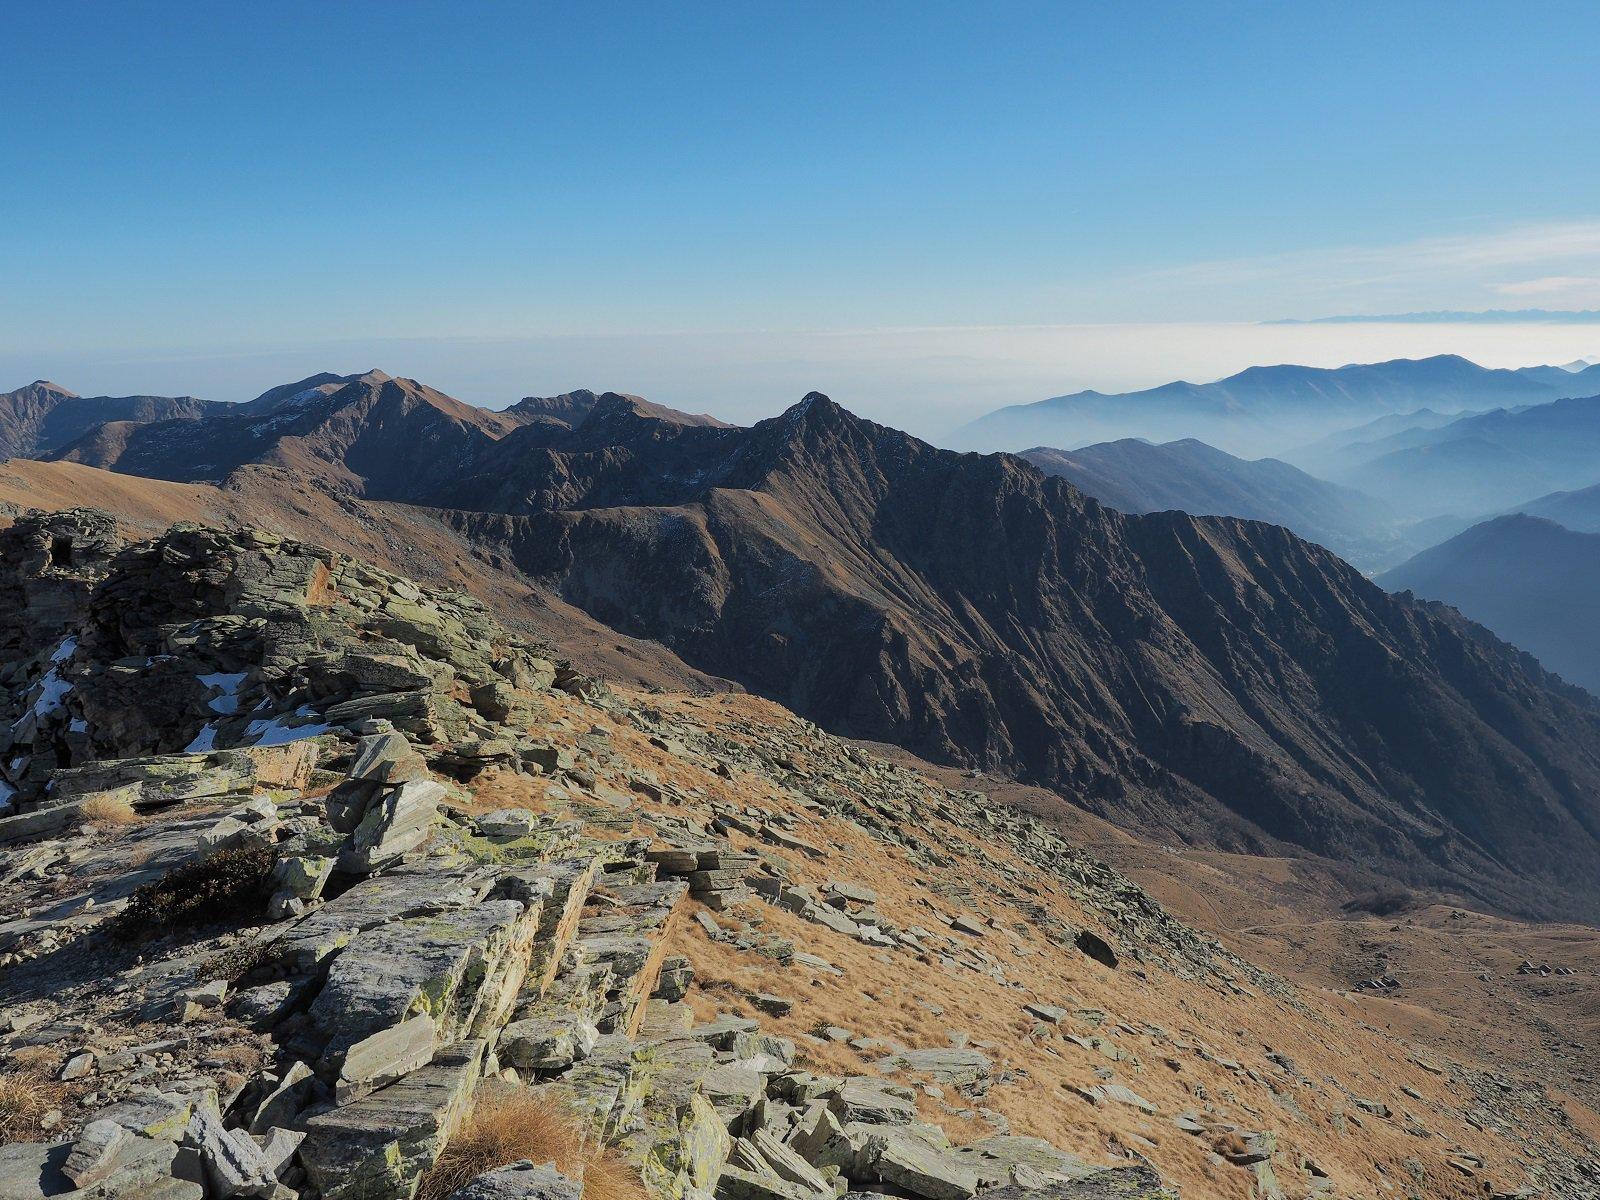 Uno sguardo verso la Bellavarda e le Valli di Lanzo dalla cima